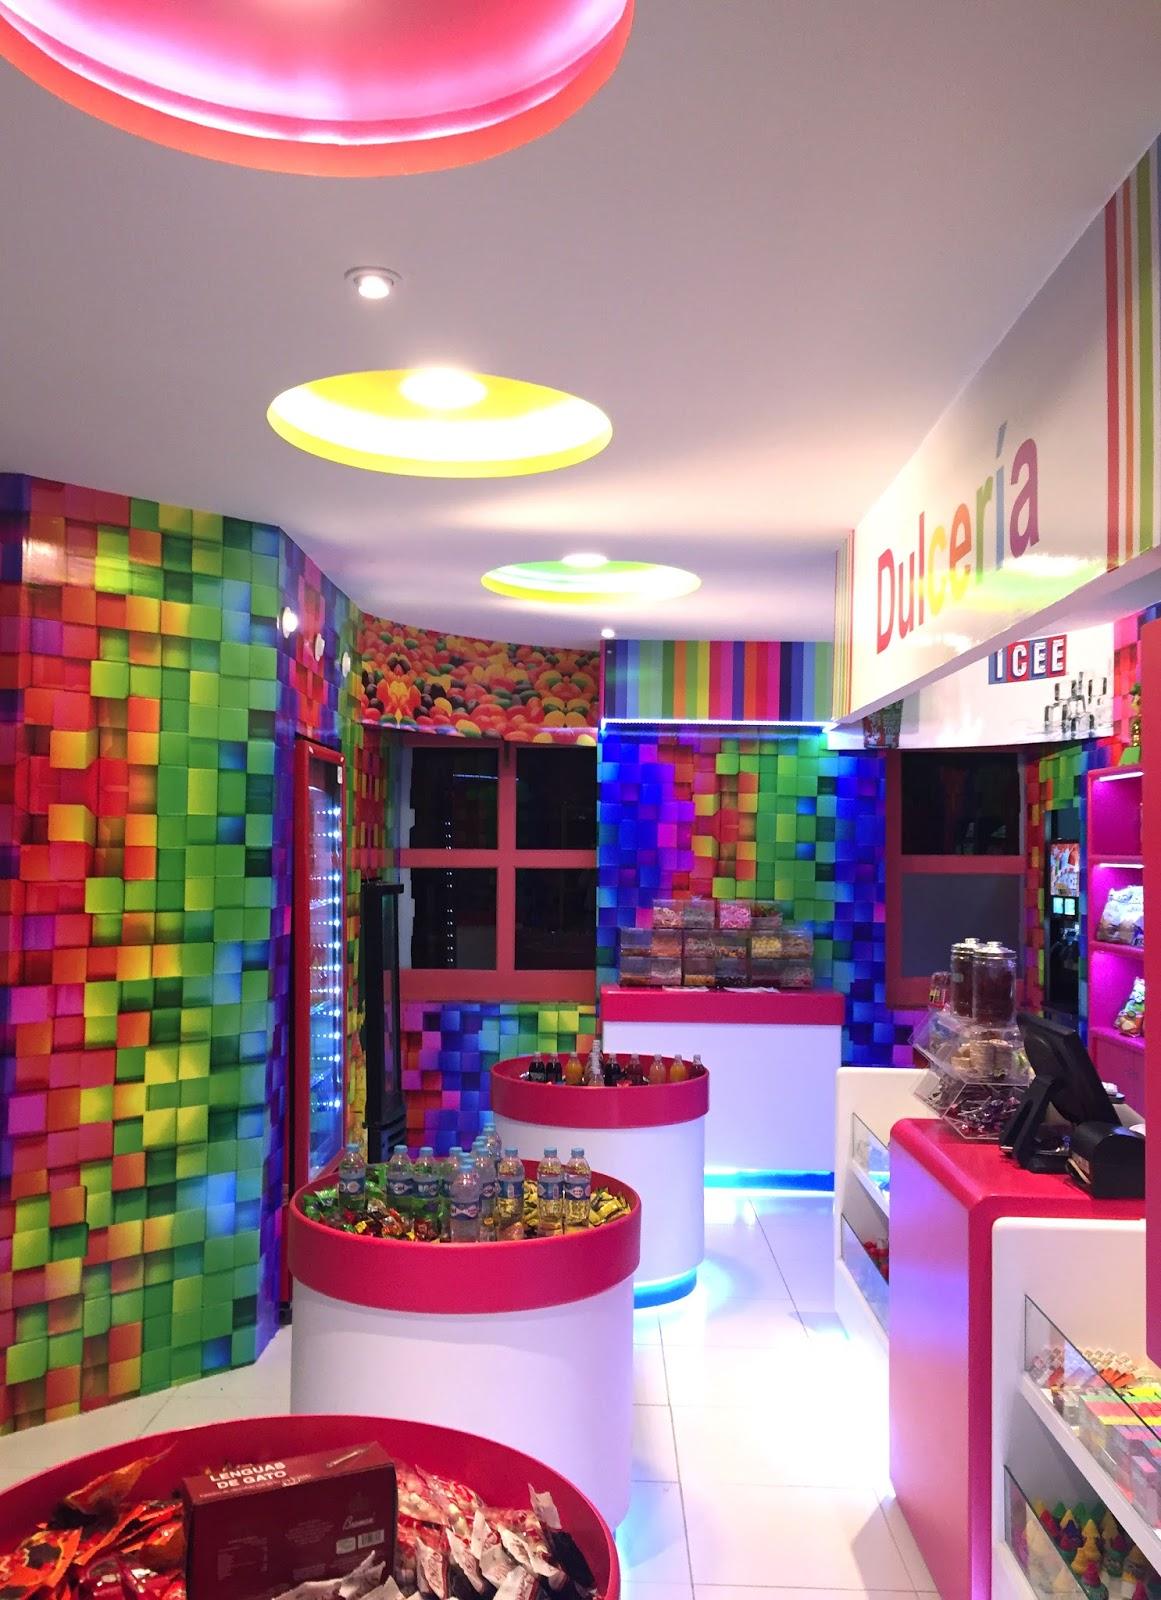 Dise o de locales comerciales m xico df dise o y - Diseno y decoracion ...